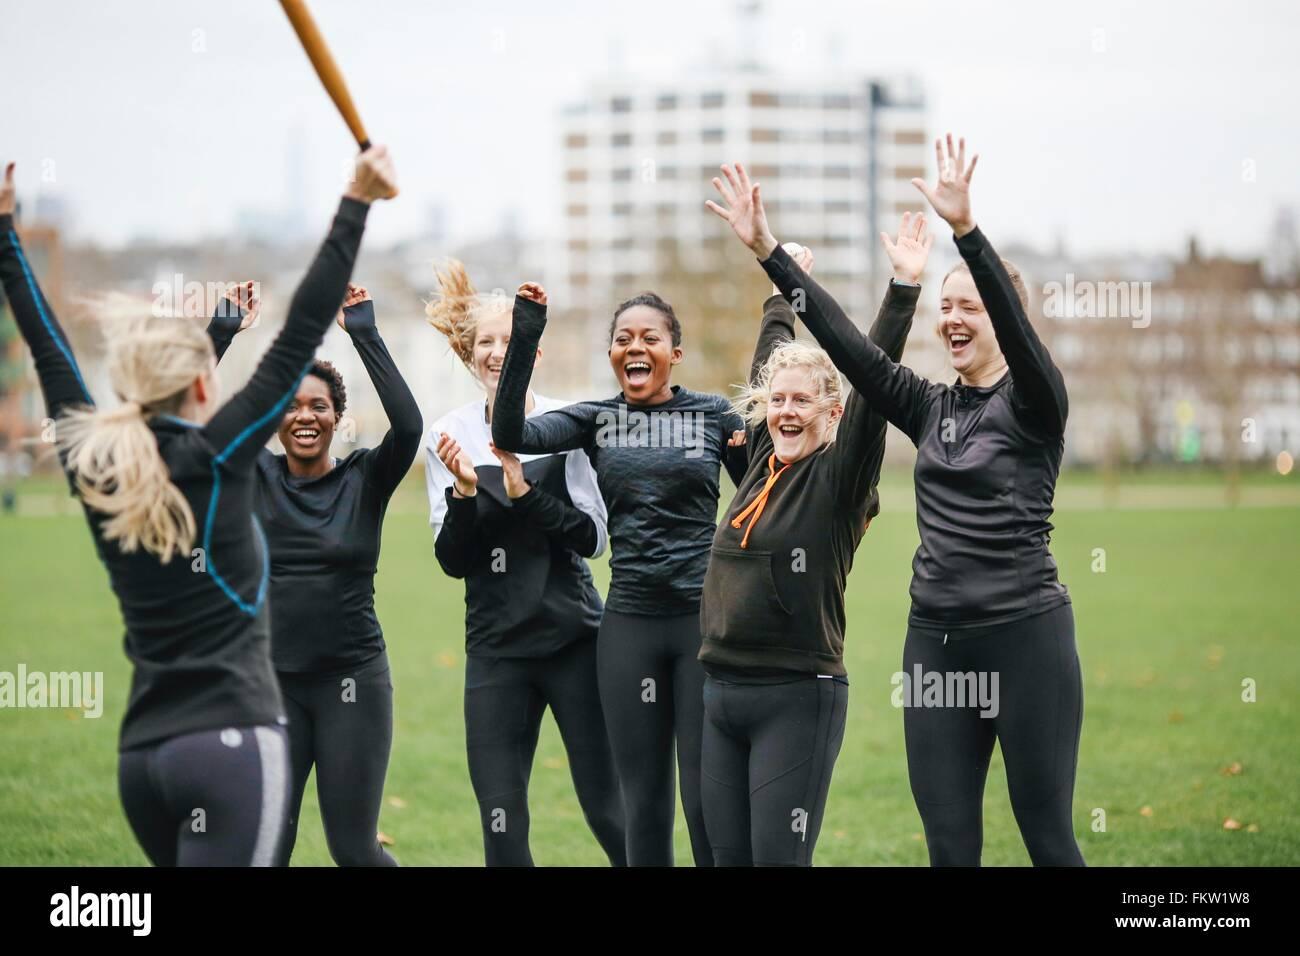 Weibliche Rounders Team feiert bei Rounders match Stockbild